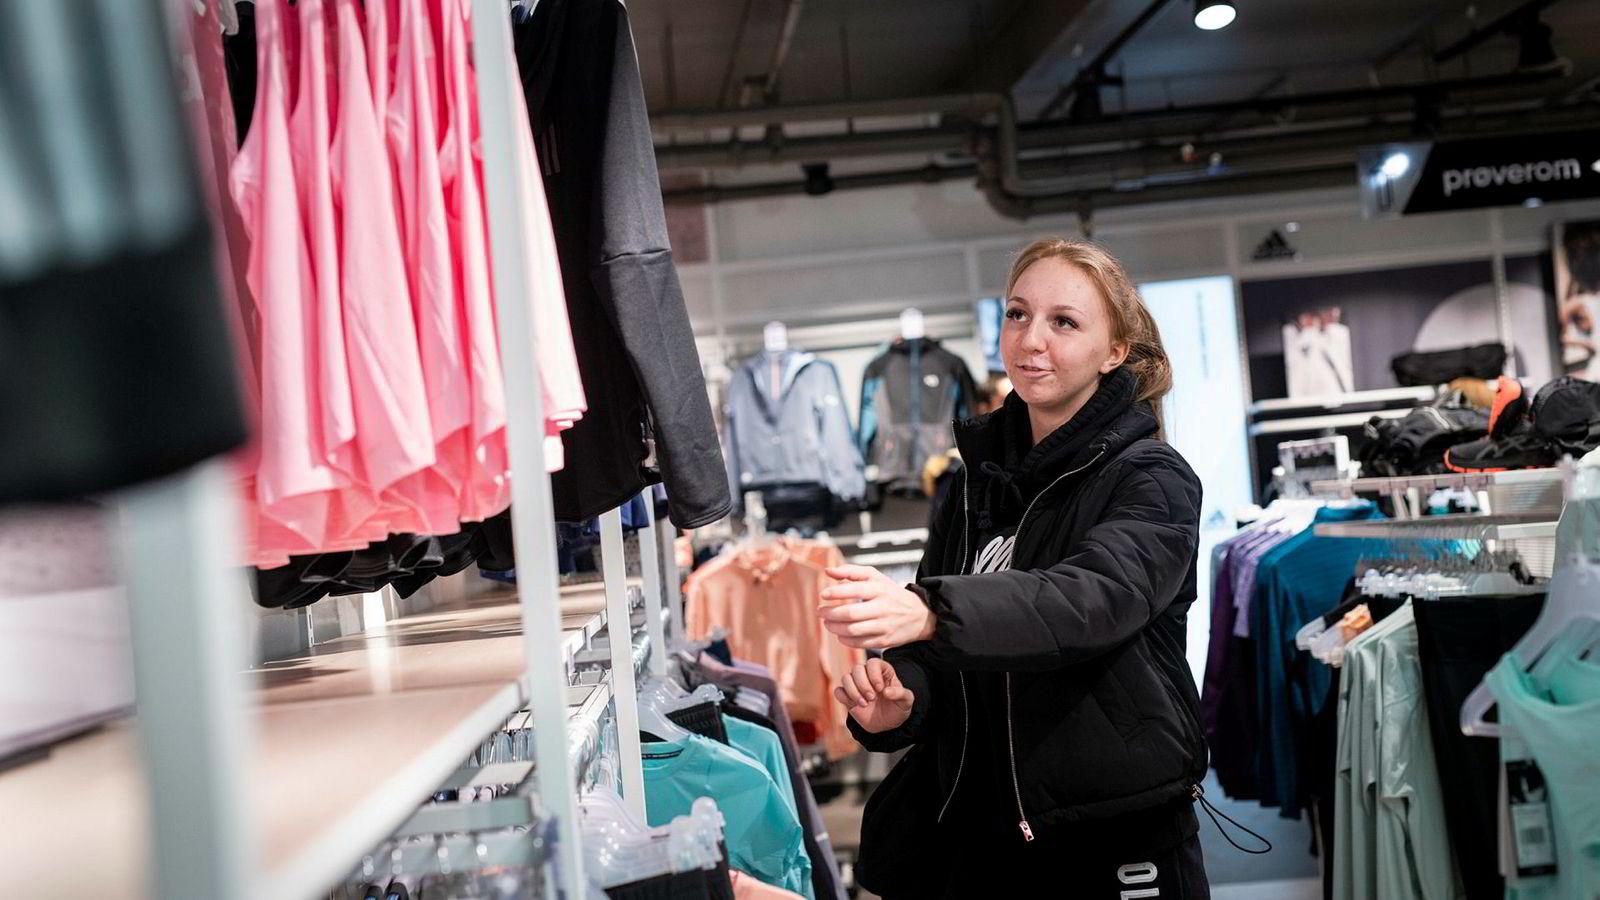 Oliwia Zuzanna Sydor jakter treningsklær på G-Sport i Oslo sentrum. Hvis prisen blir for drøy, velger hun heller et av outletkonseptene.